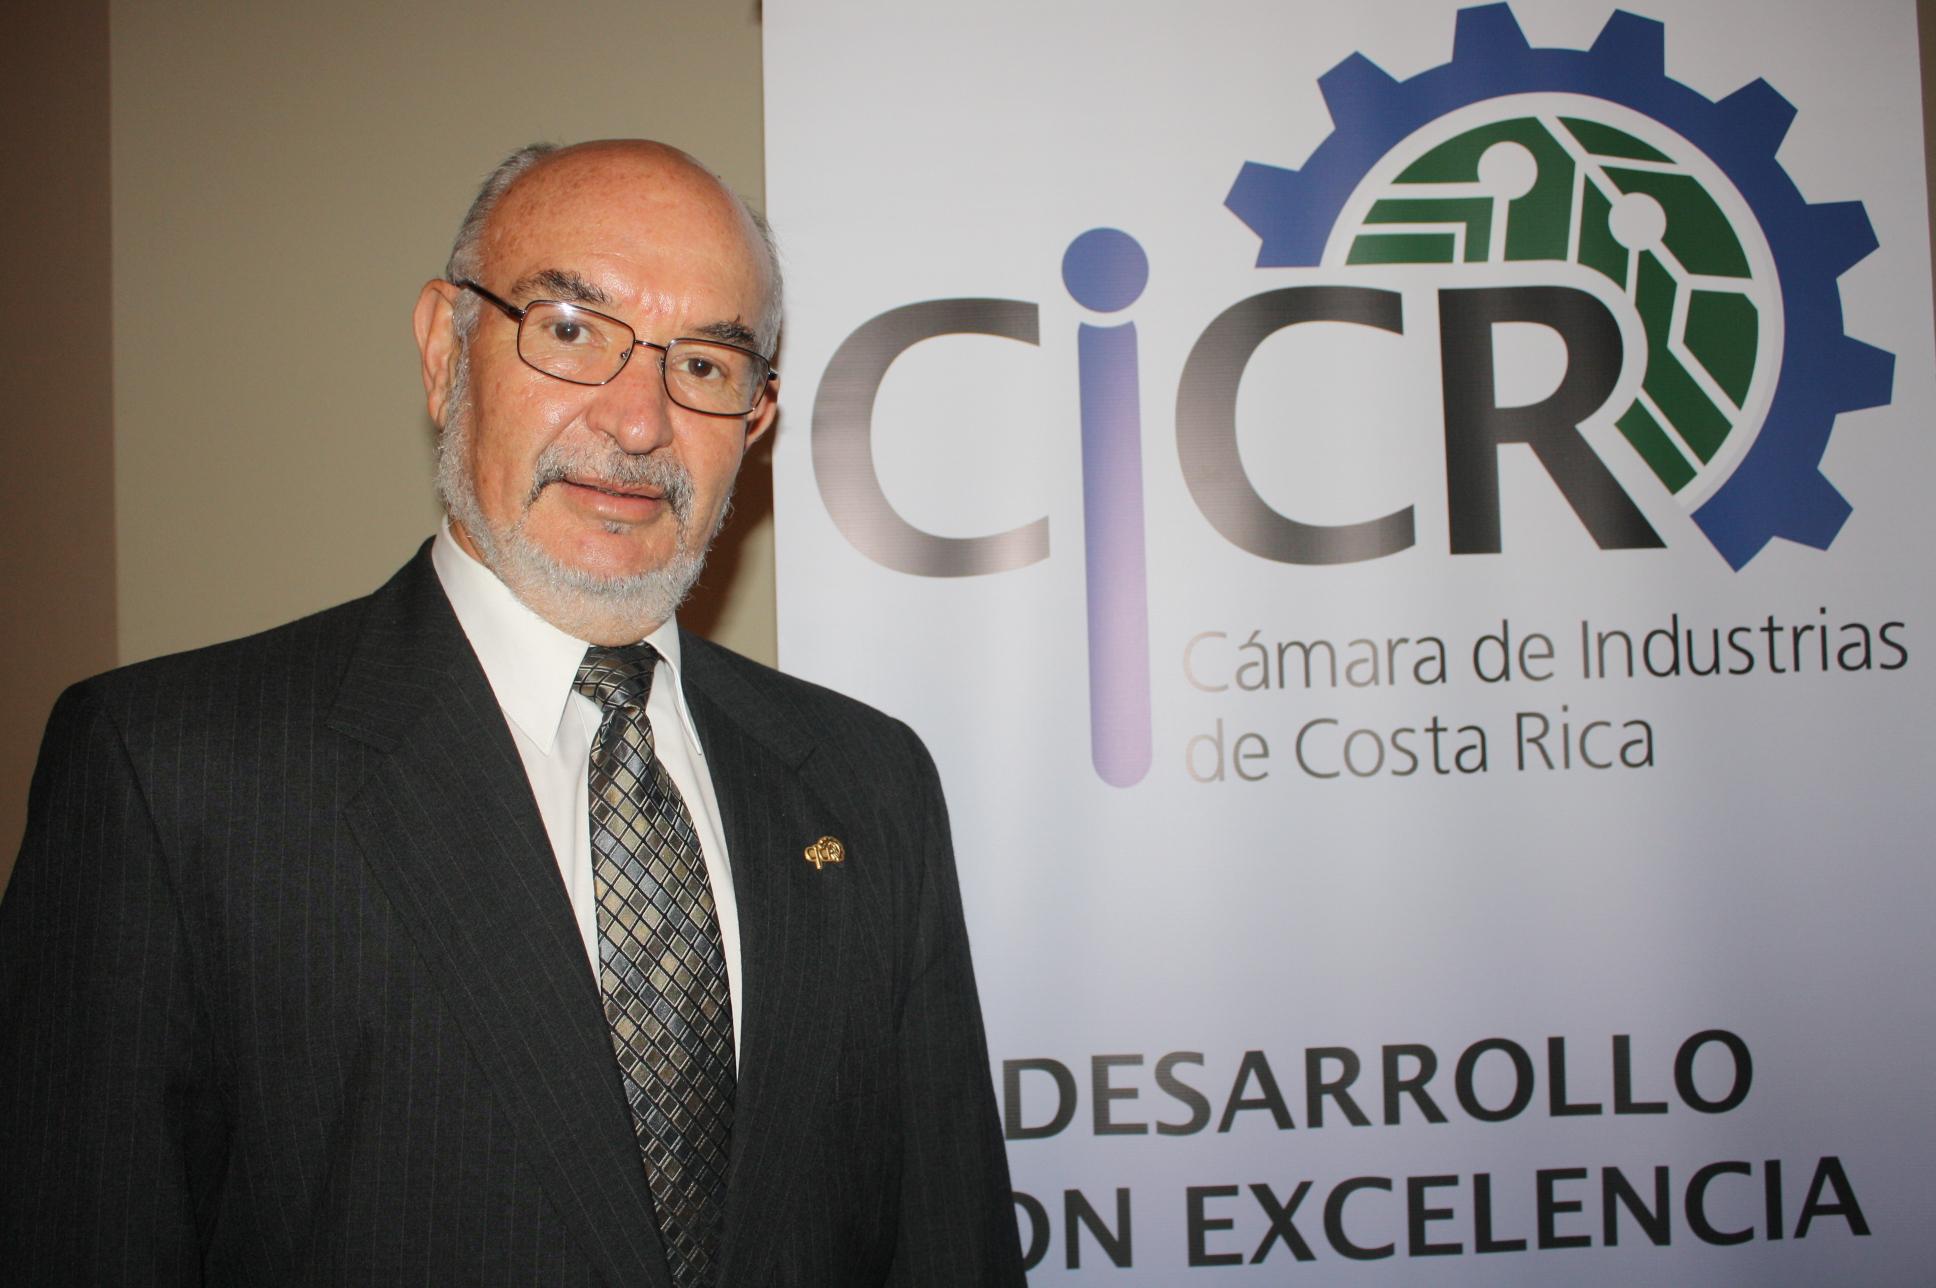 https://www.ekaenlinea.com/wp-content/uploads/2014/01/Juan-Ramón-Rivera2.jpg